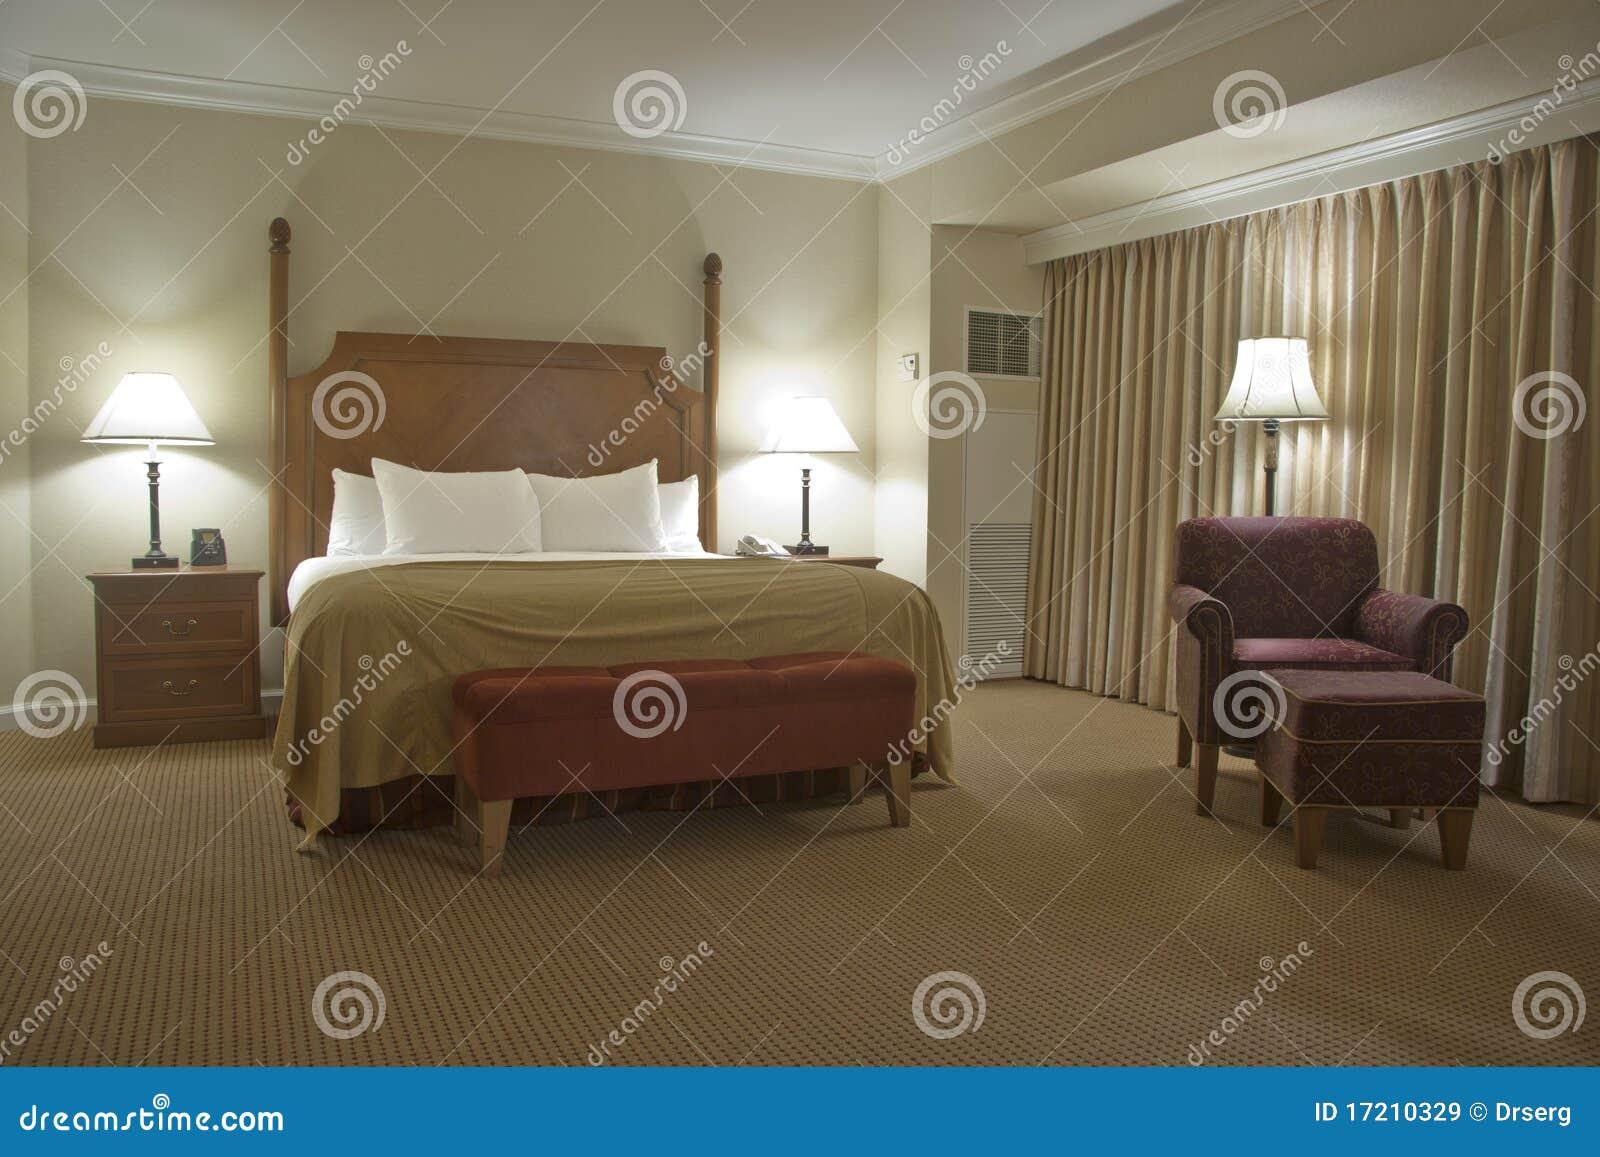 Gordijn slaapkamers ~ anortiz.com for .